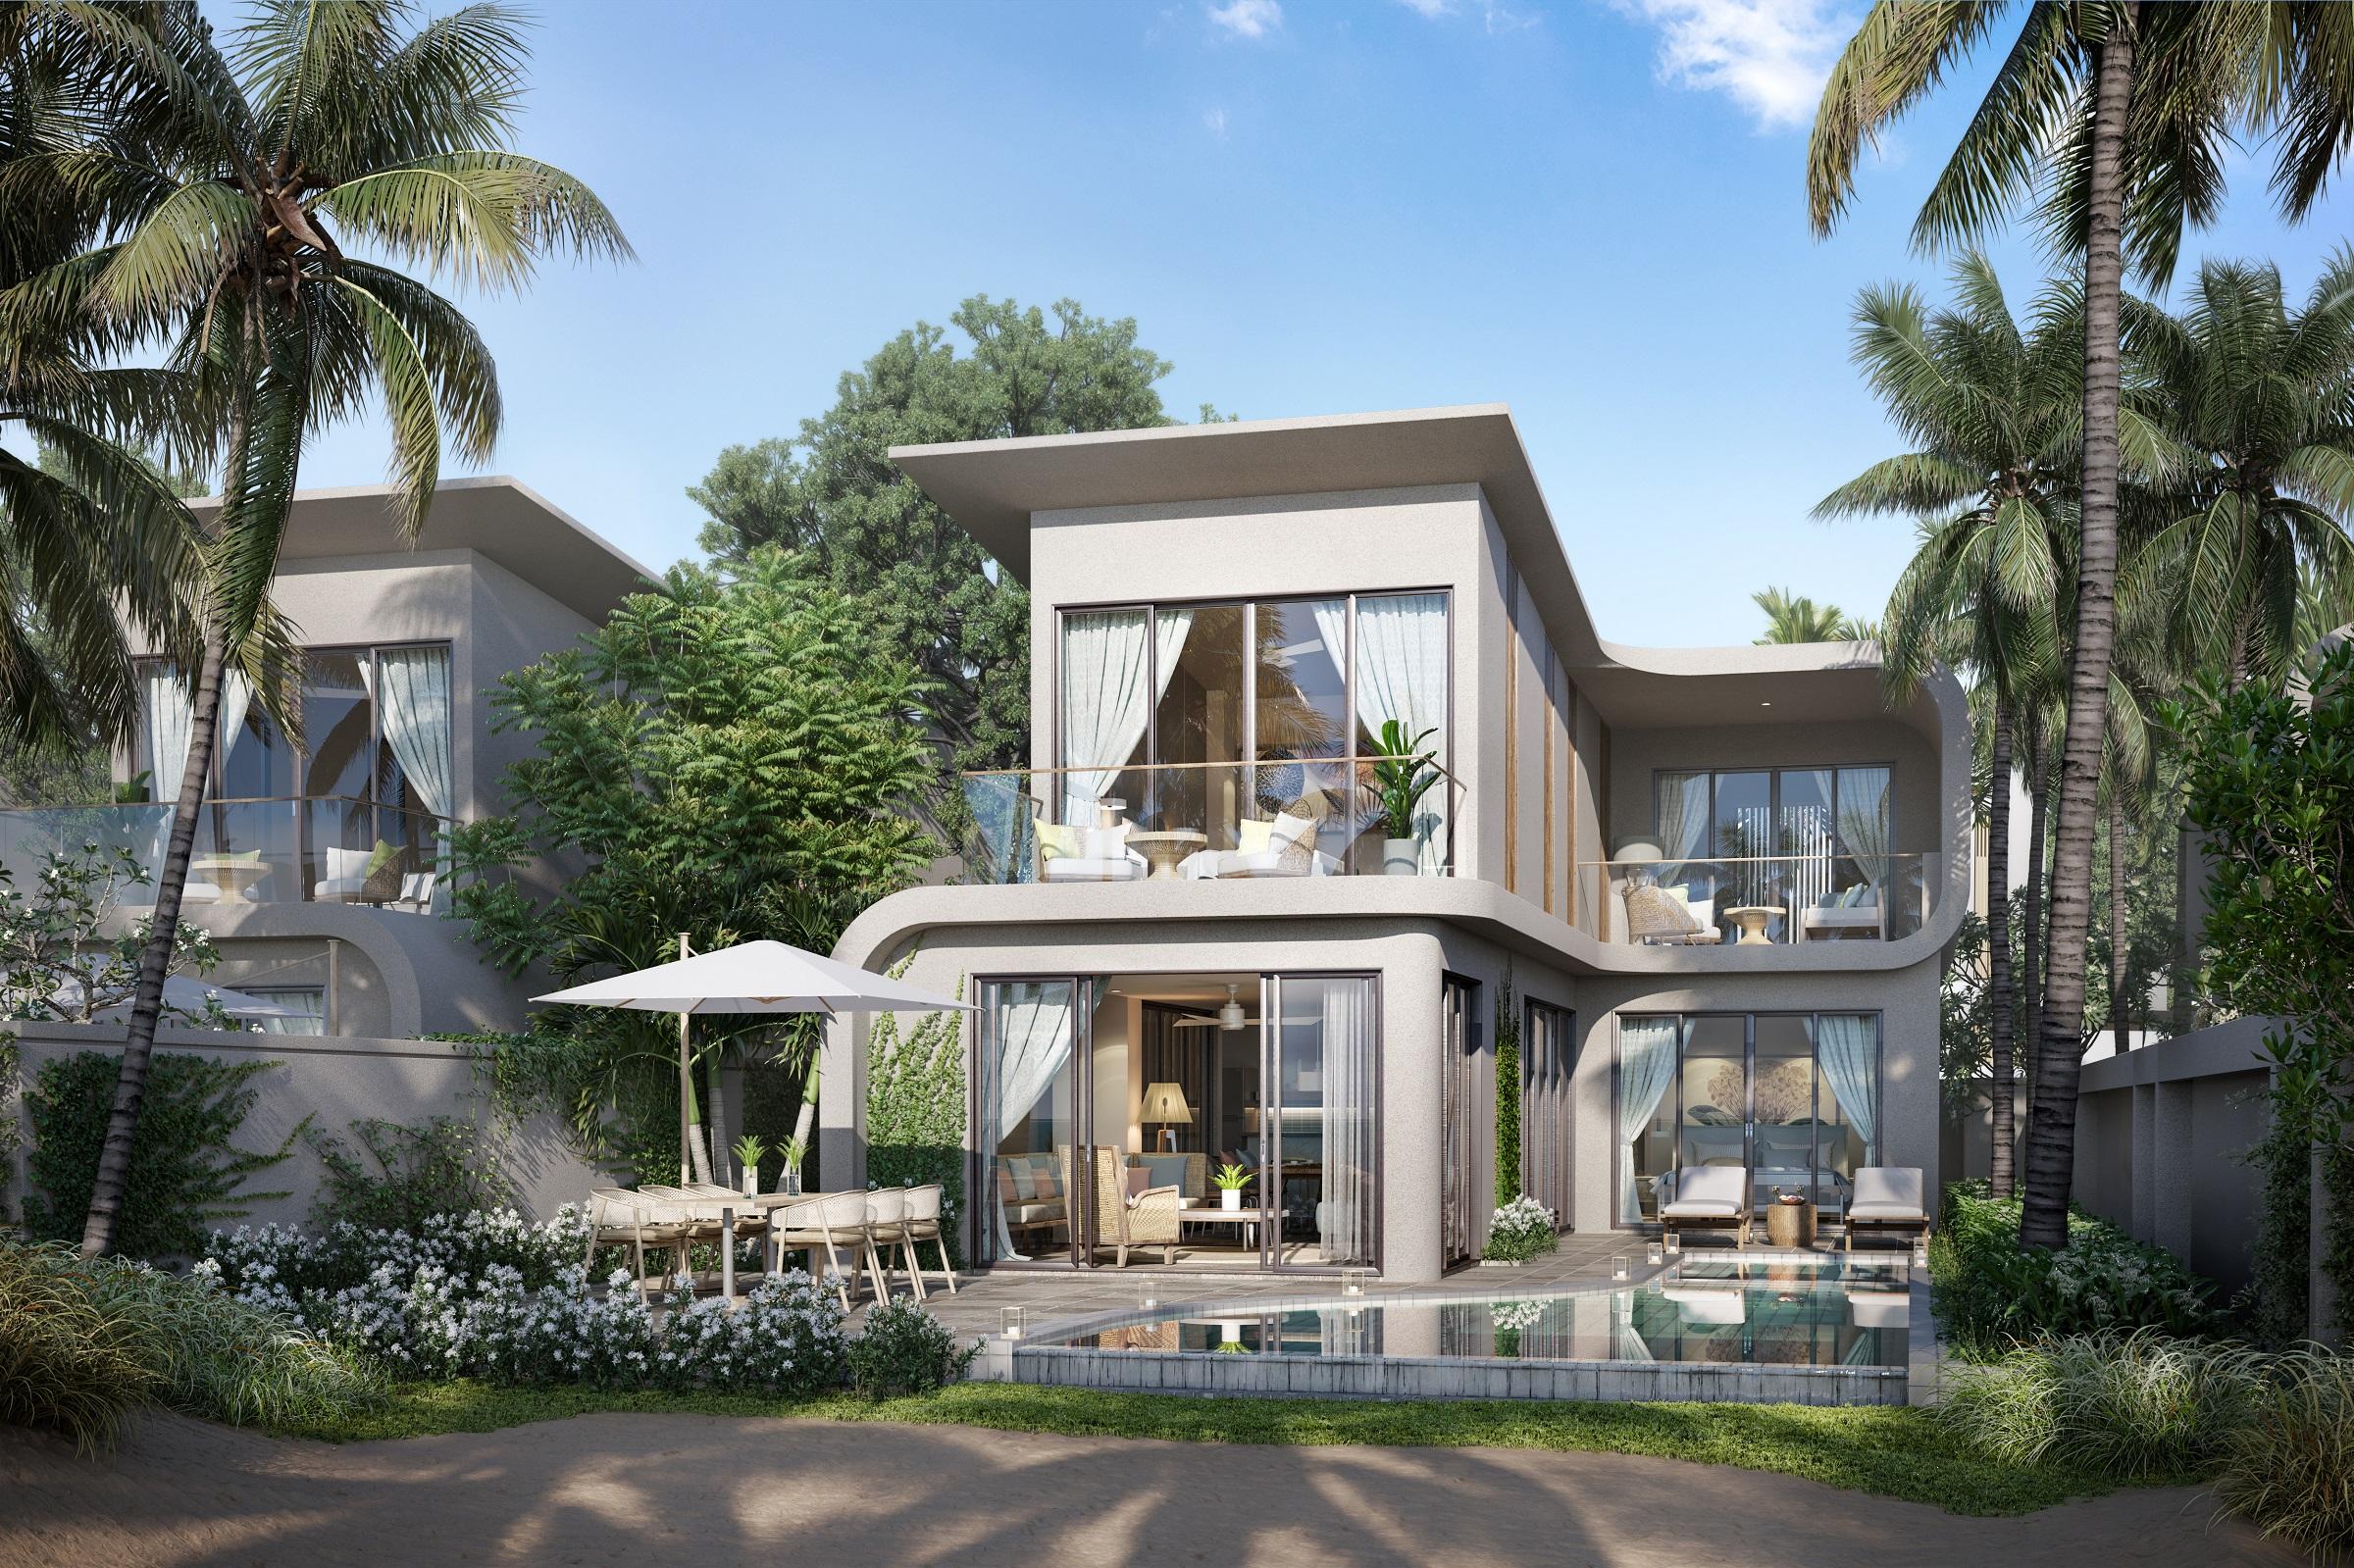 Những ngôi biệt thự Ixora Ho Tram by Fusion với bờ biển riêng tư, không khí trong lành và bàn giao hoàn thiện đầy đủ nội thất theo phong cách rất riêng của Fusion Hotels & Resorts. Ảnh phối cảnh: HTP.